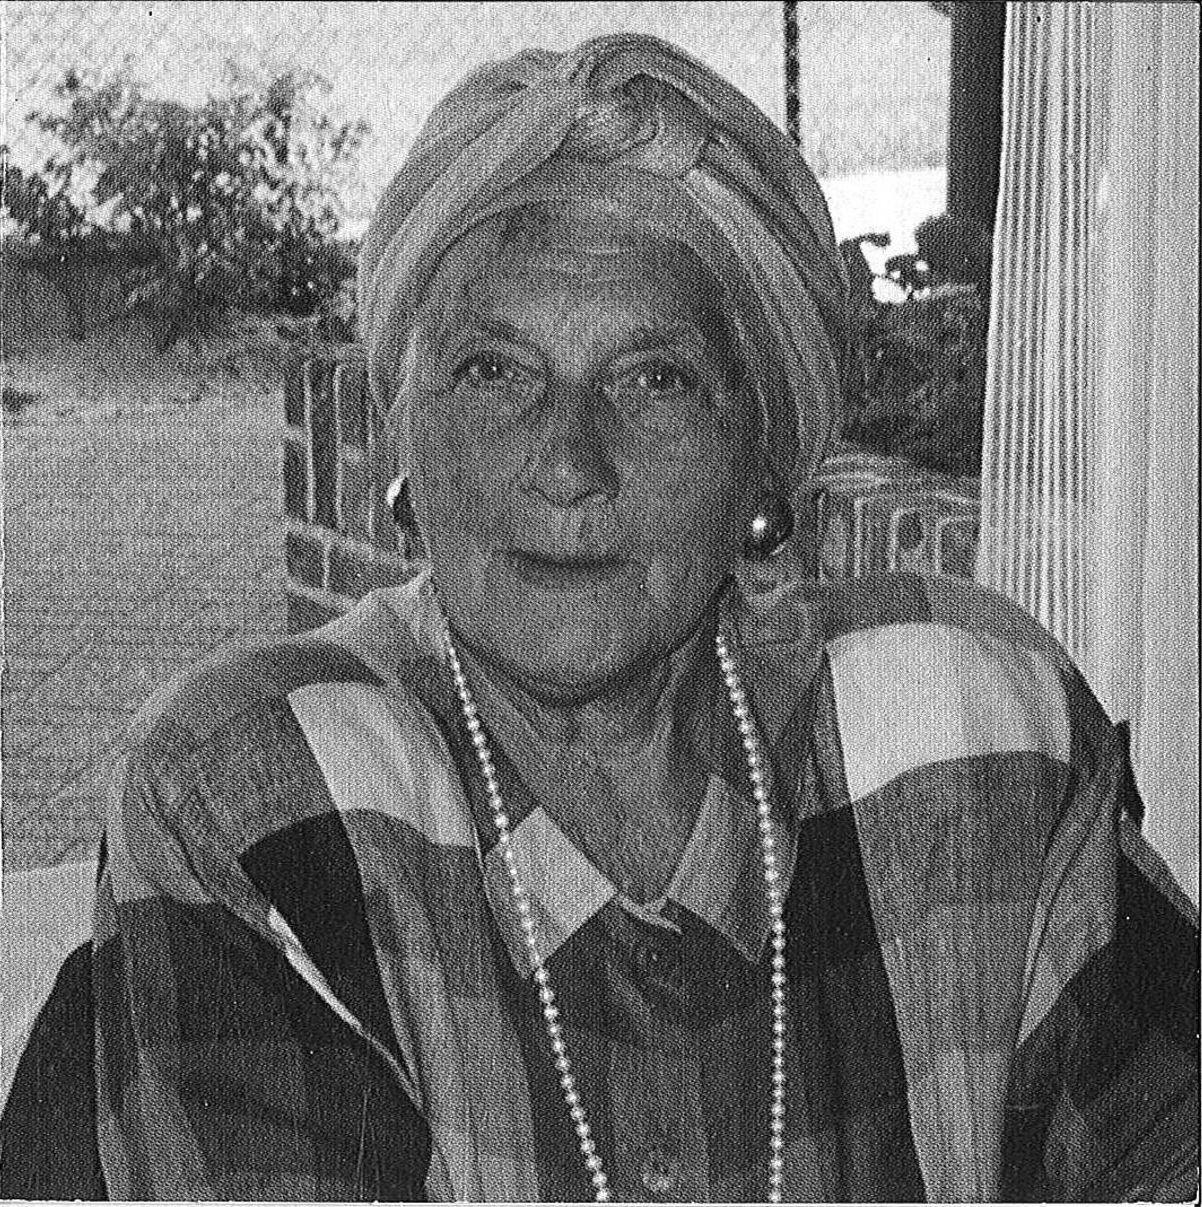 Andrée Matton